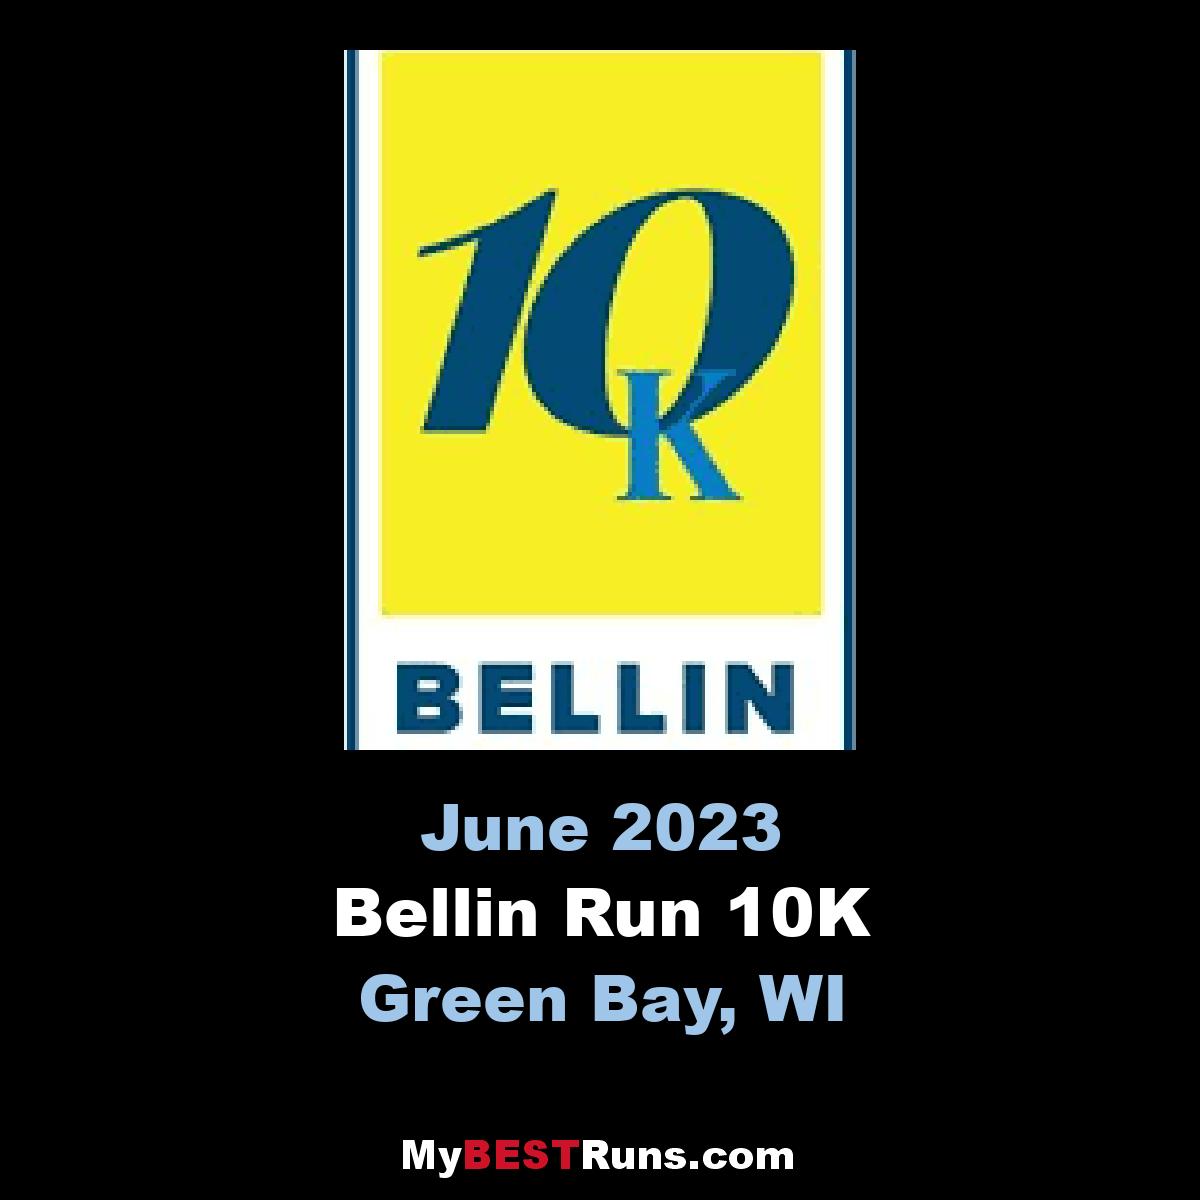 Bellin 10k Run